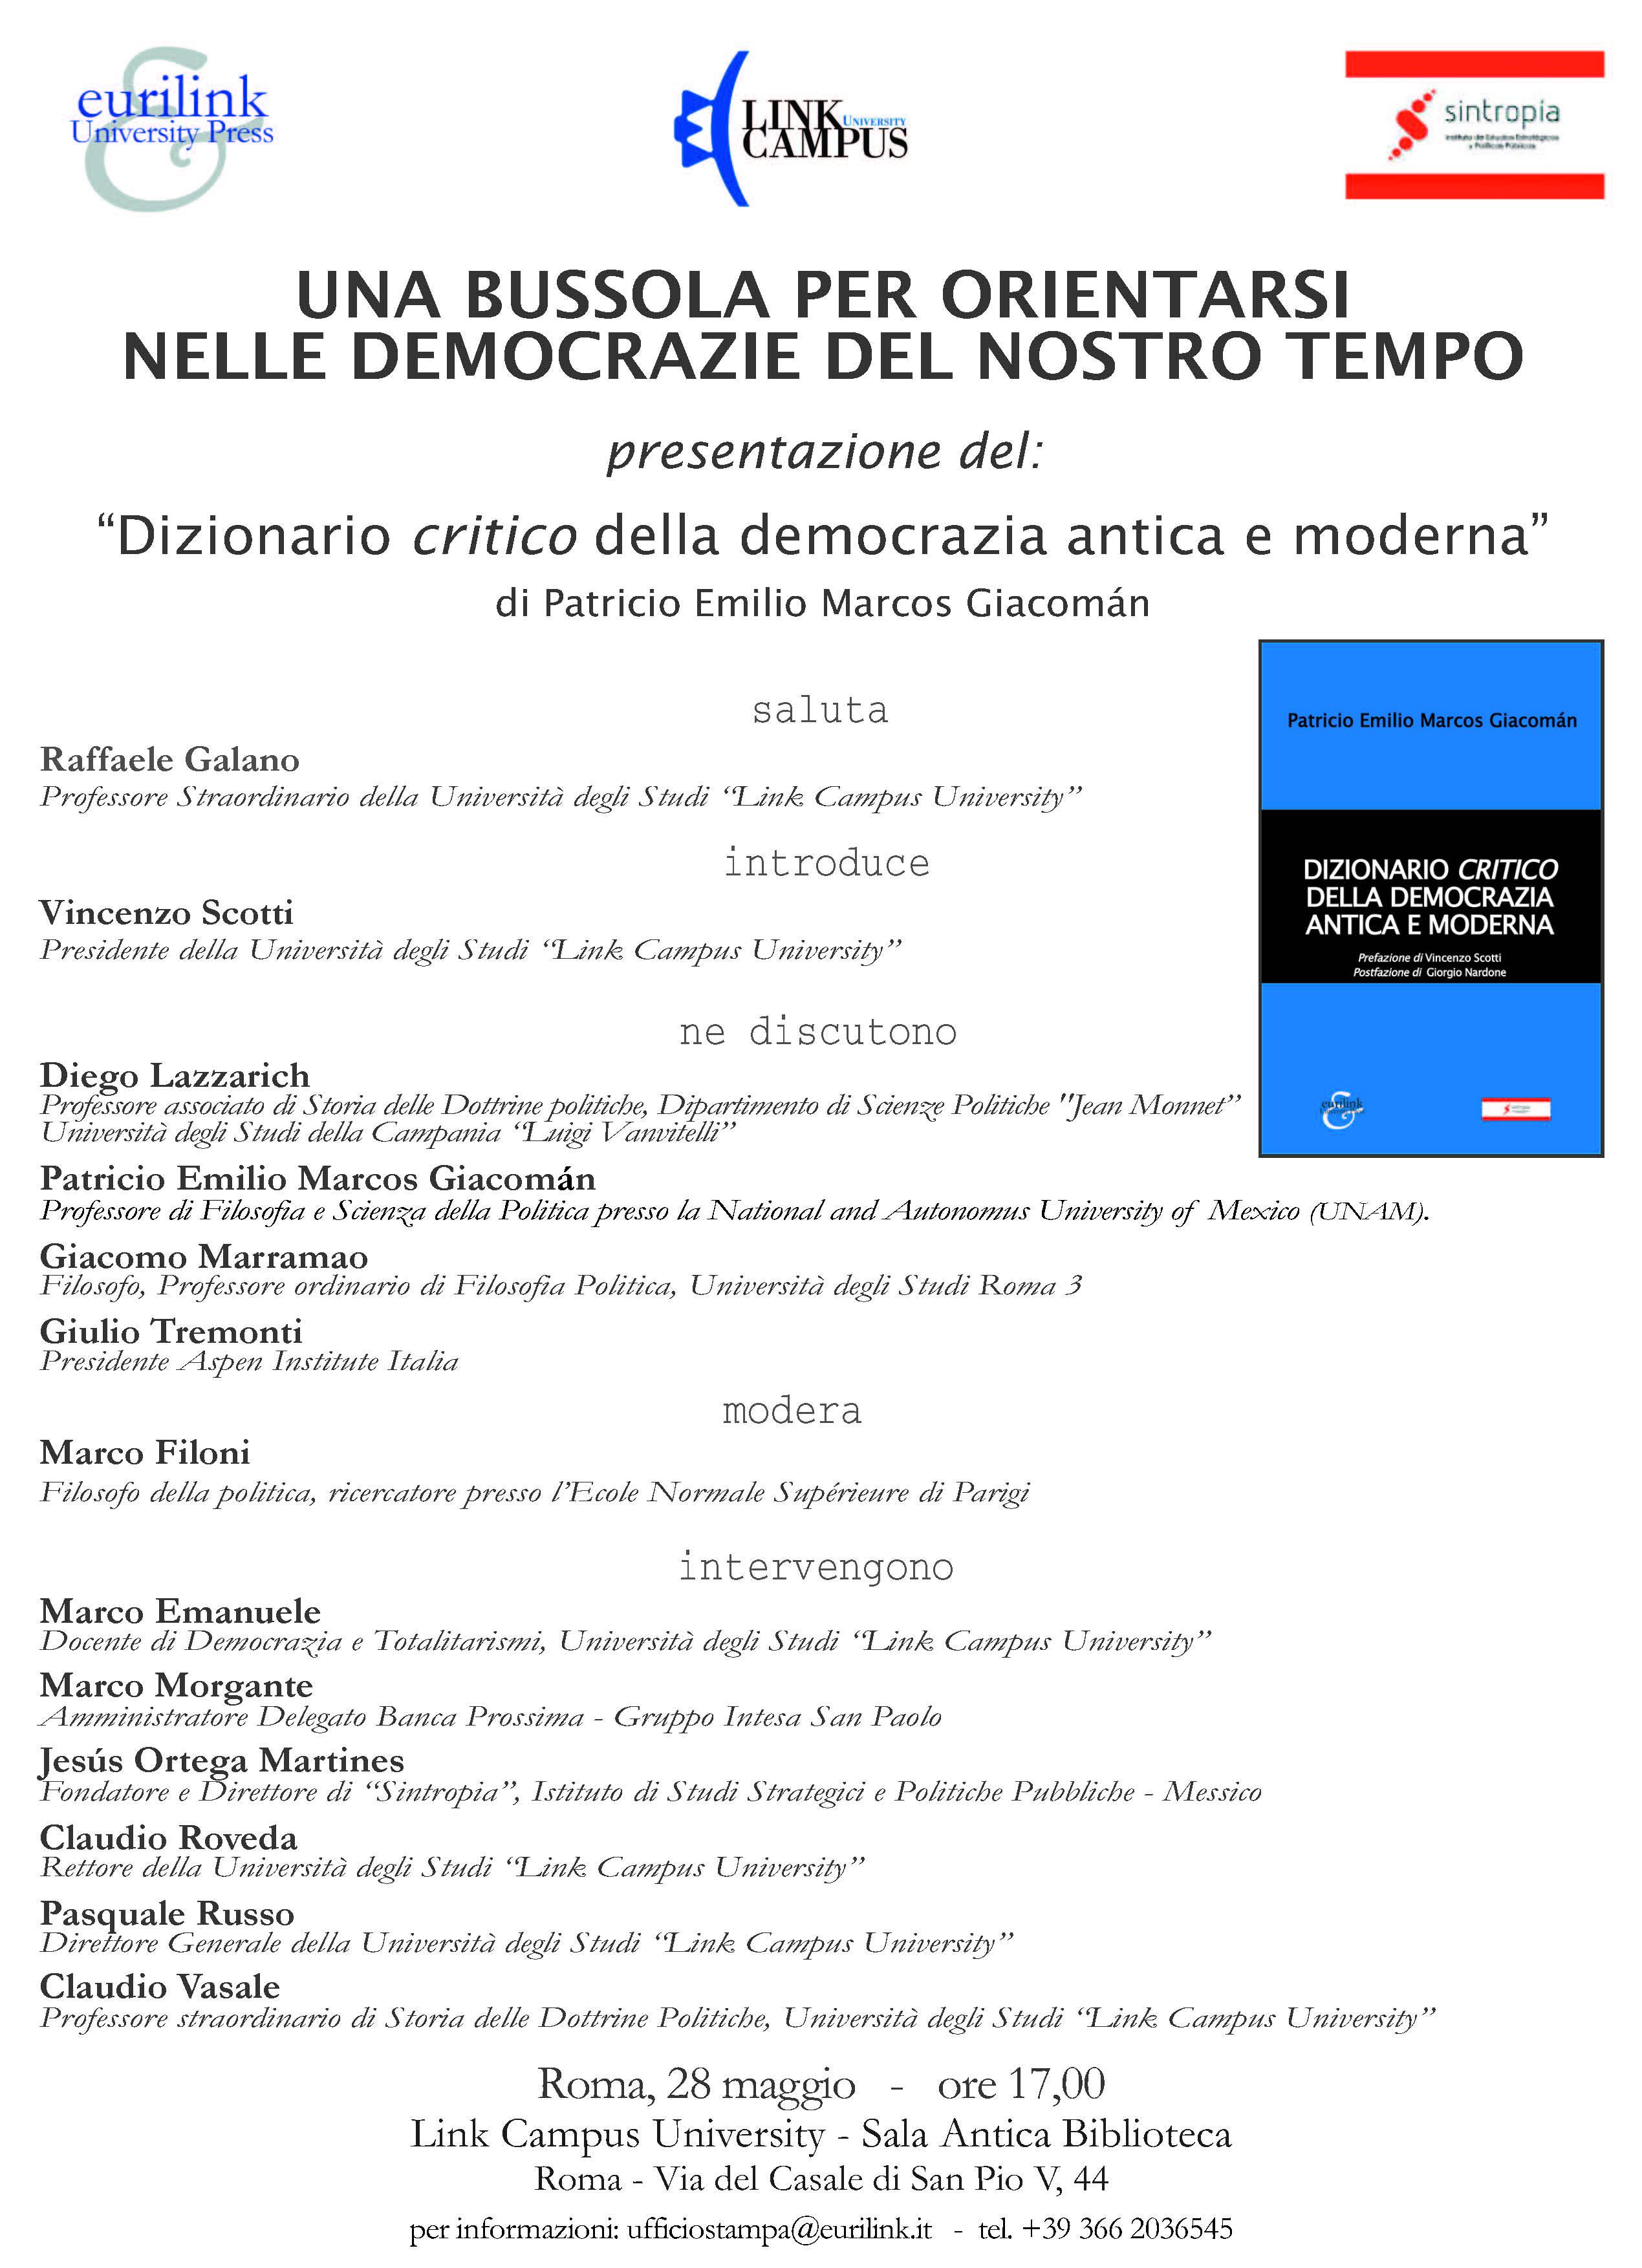 Locandina presentazione Dizionario 28 maggio_Layout 1